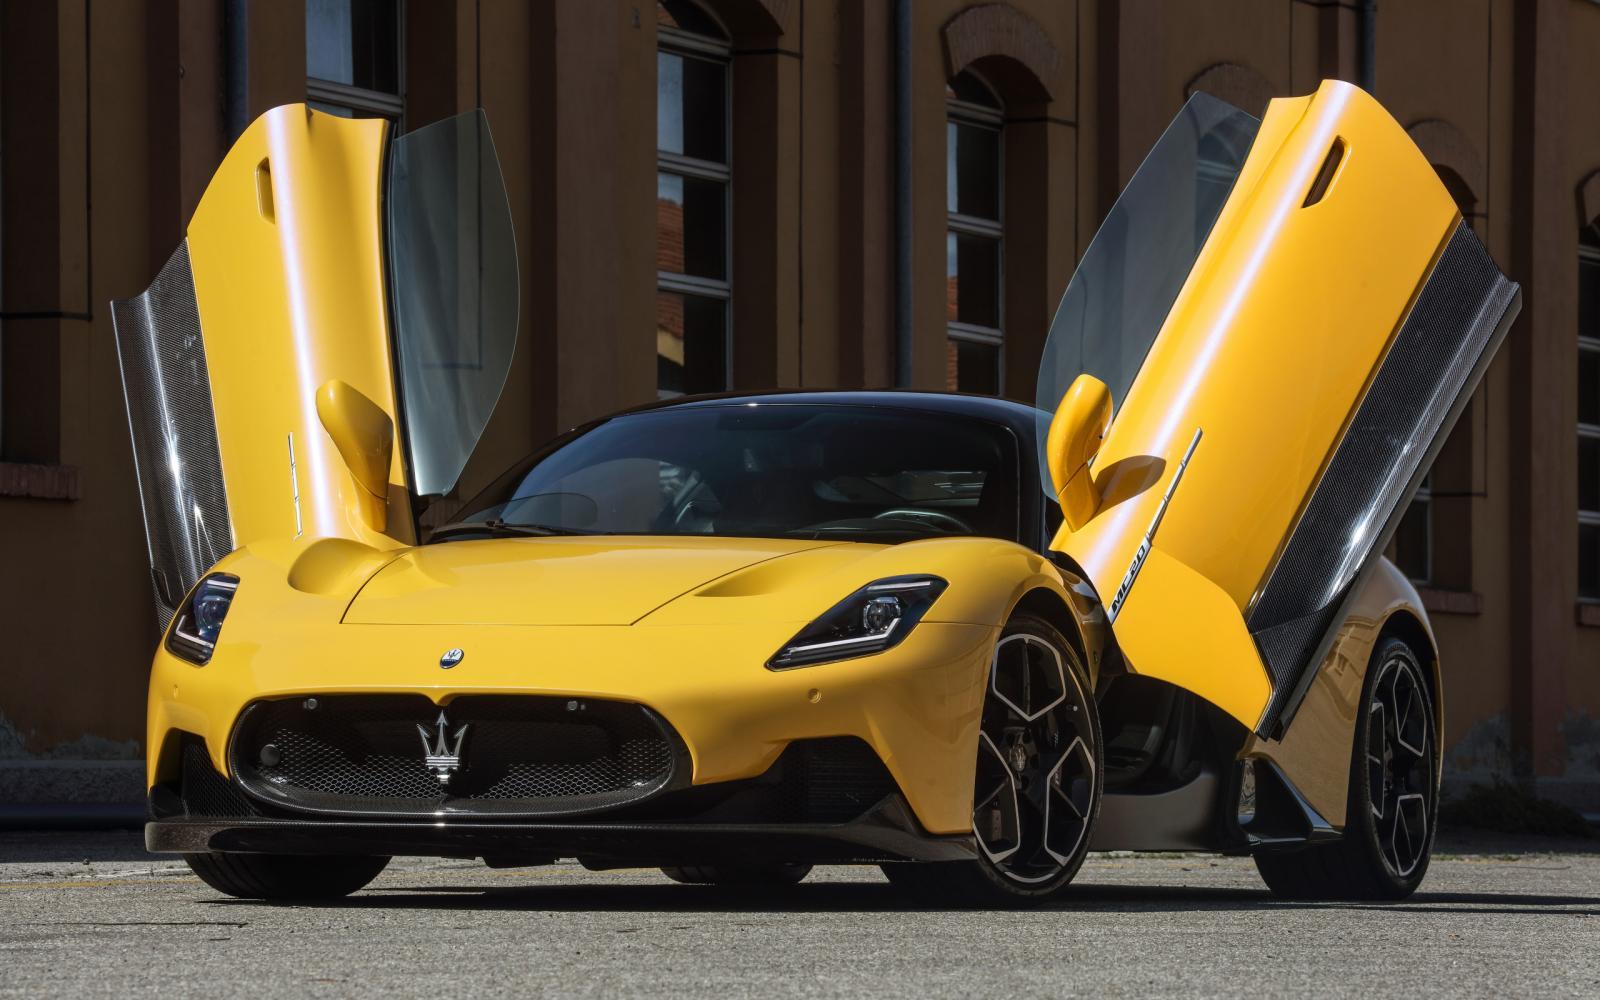 Test Maserati MC20: eindelijk weer een auto waar Porsche bang voor is